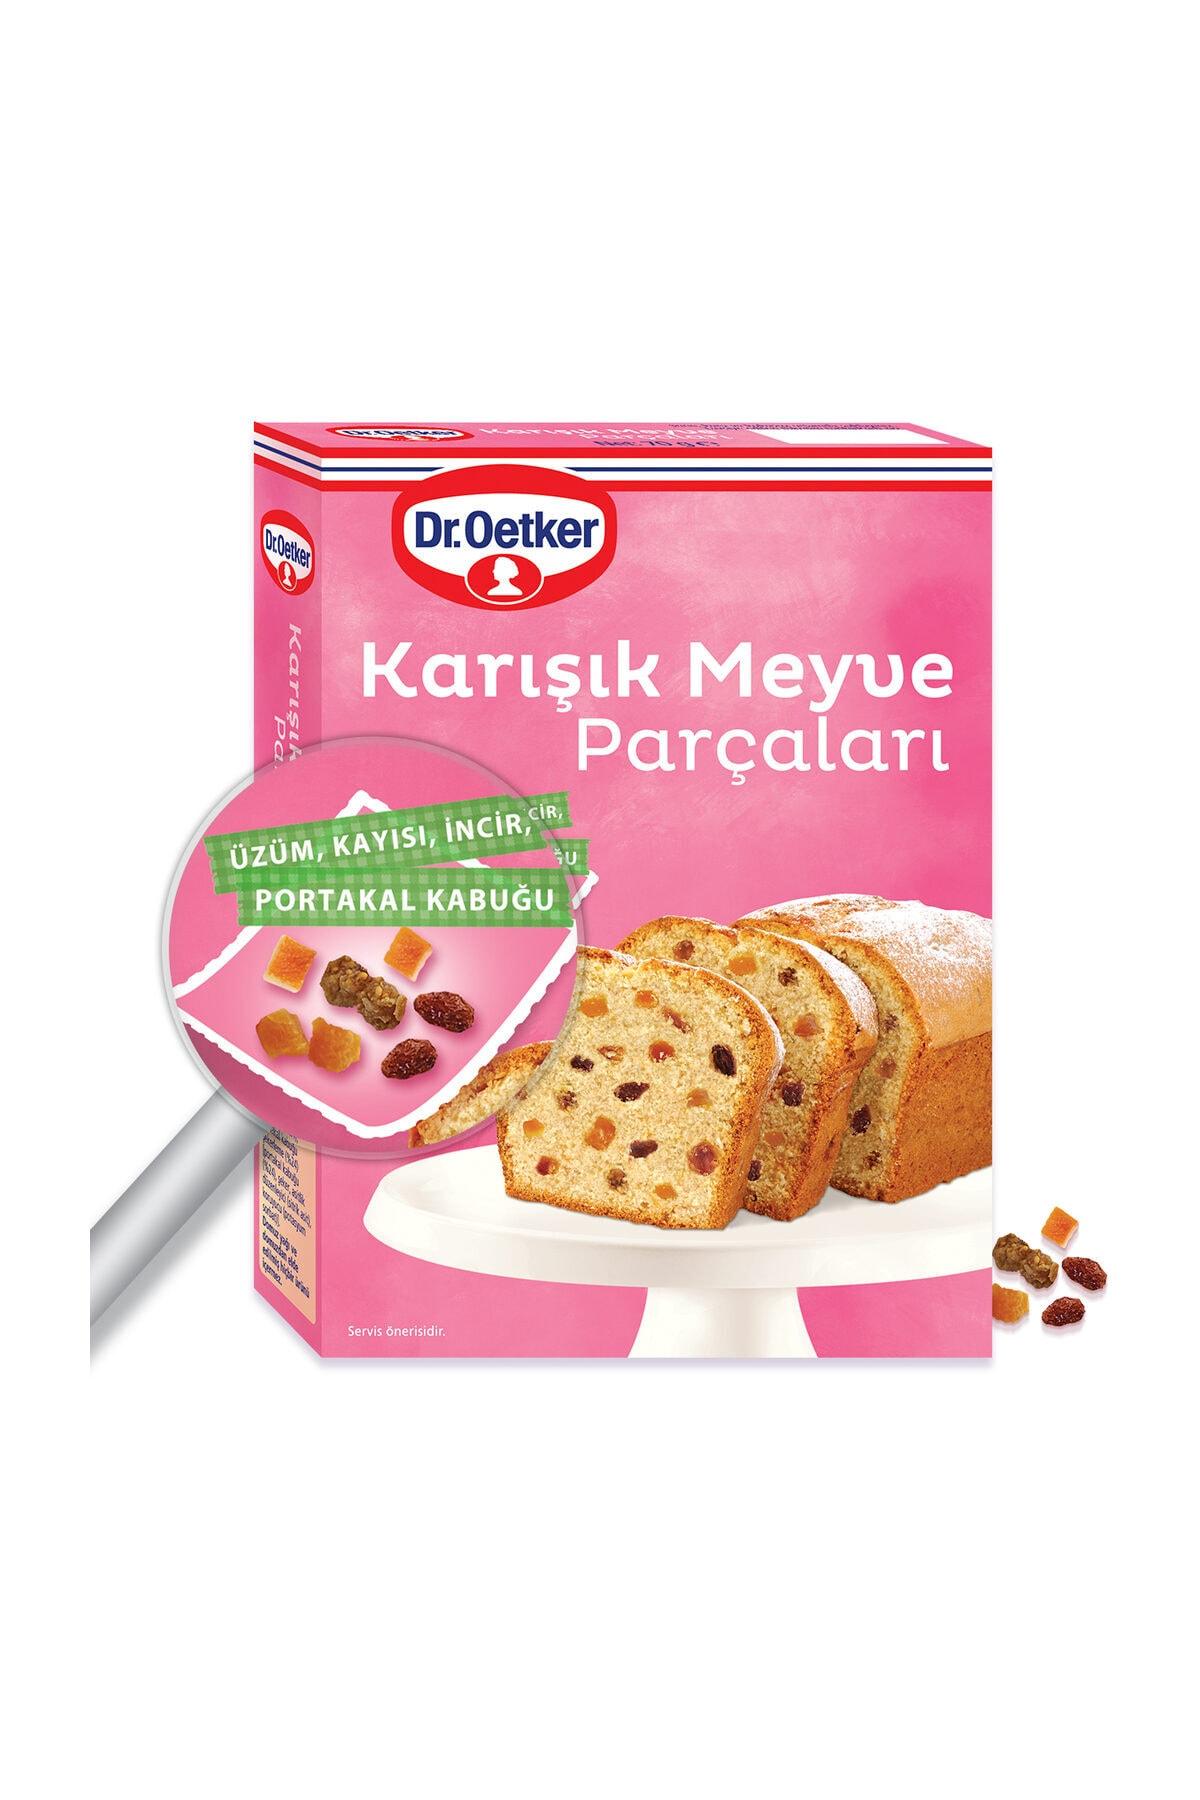 DR.OETKER KARISIK MEYVE PARCALARI